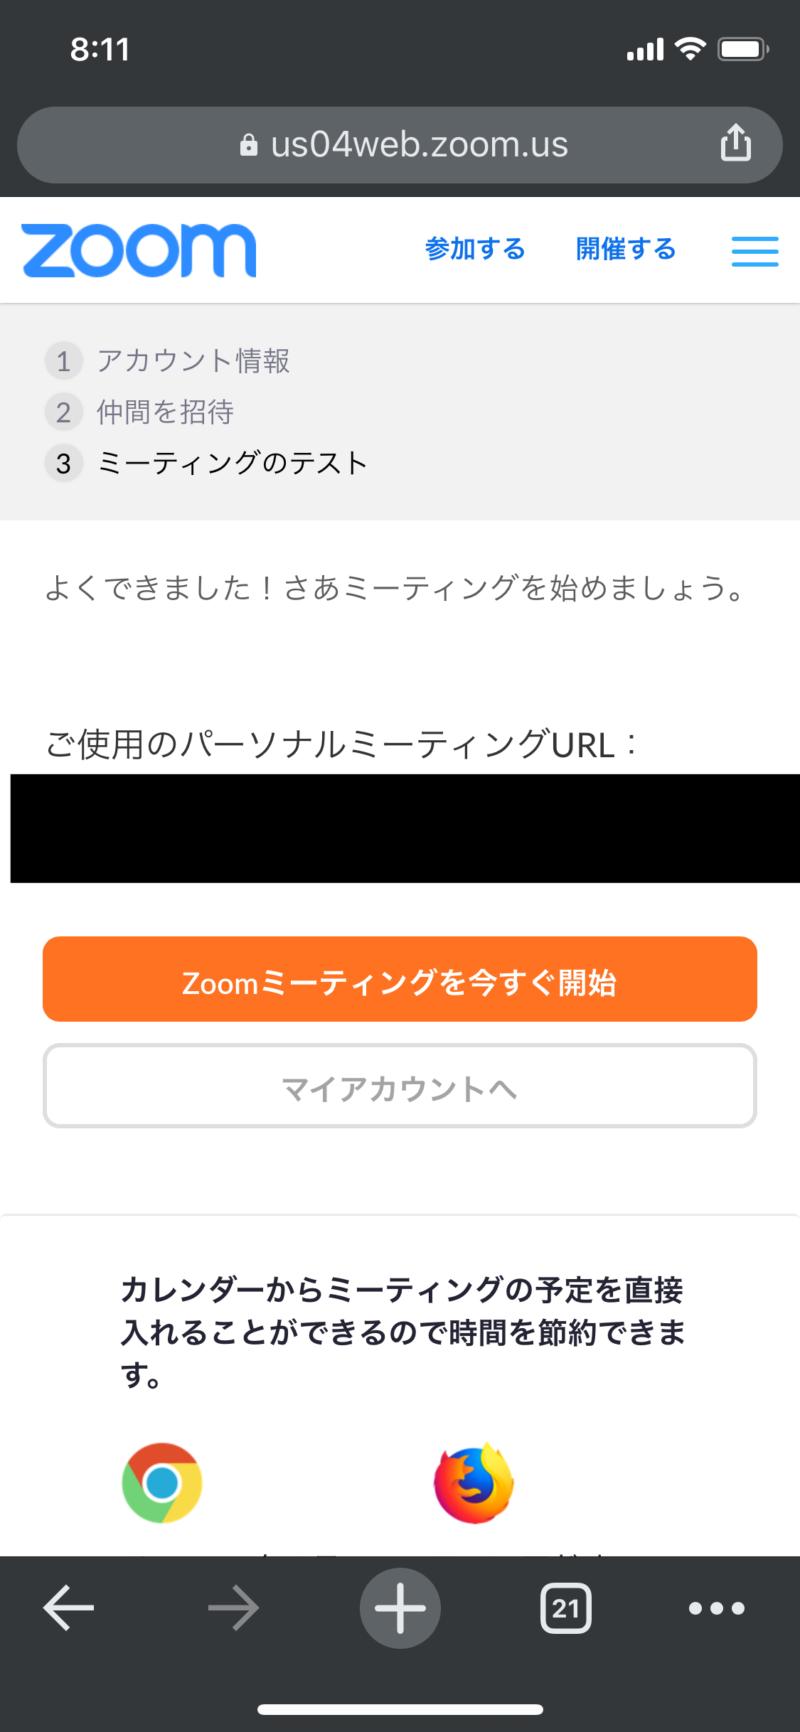 スマホアプリ版ズームで新規登録する方法09